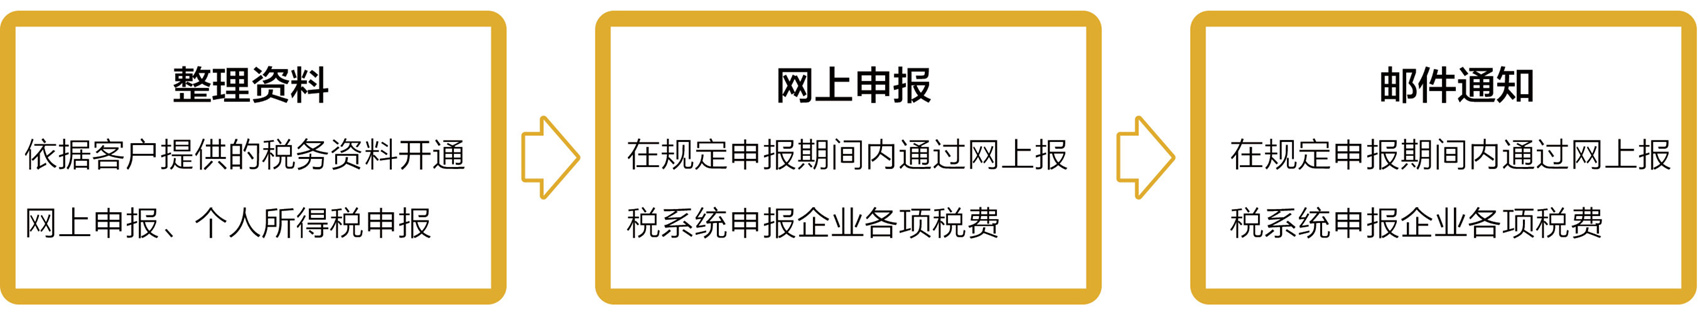 纳税申报_06.jpg